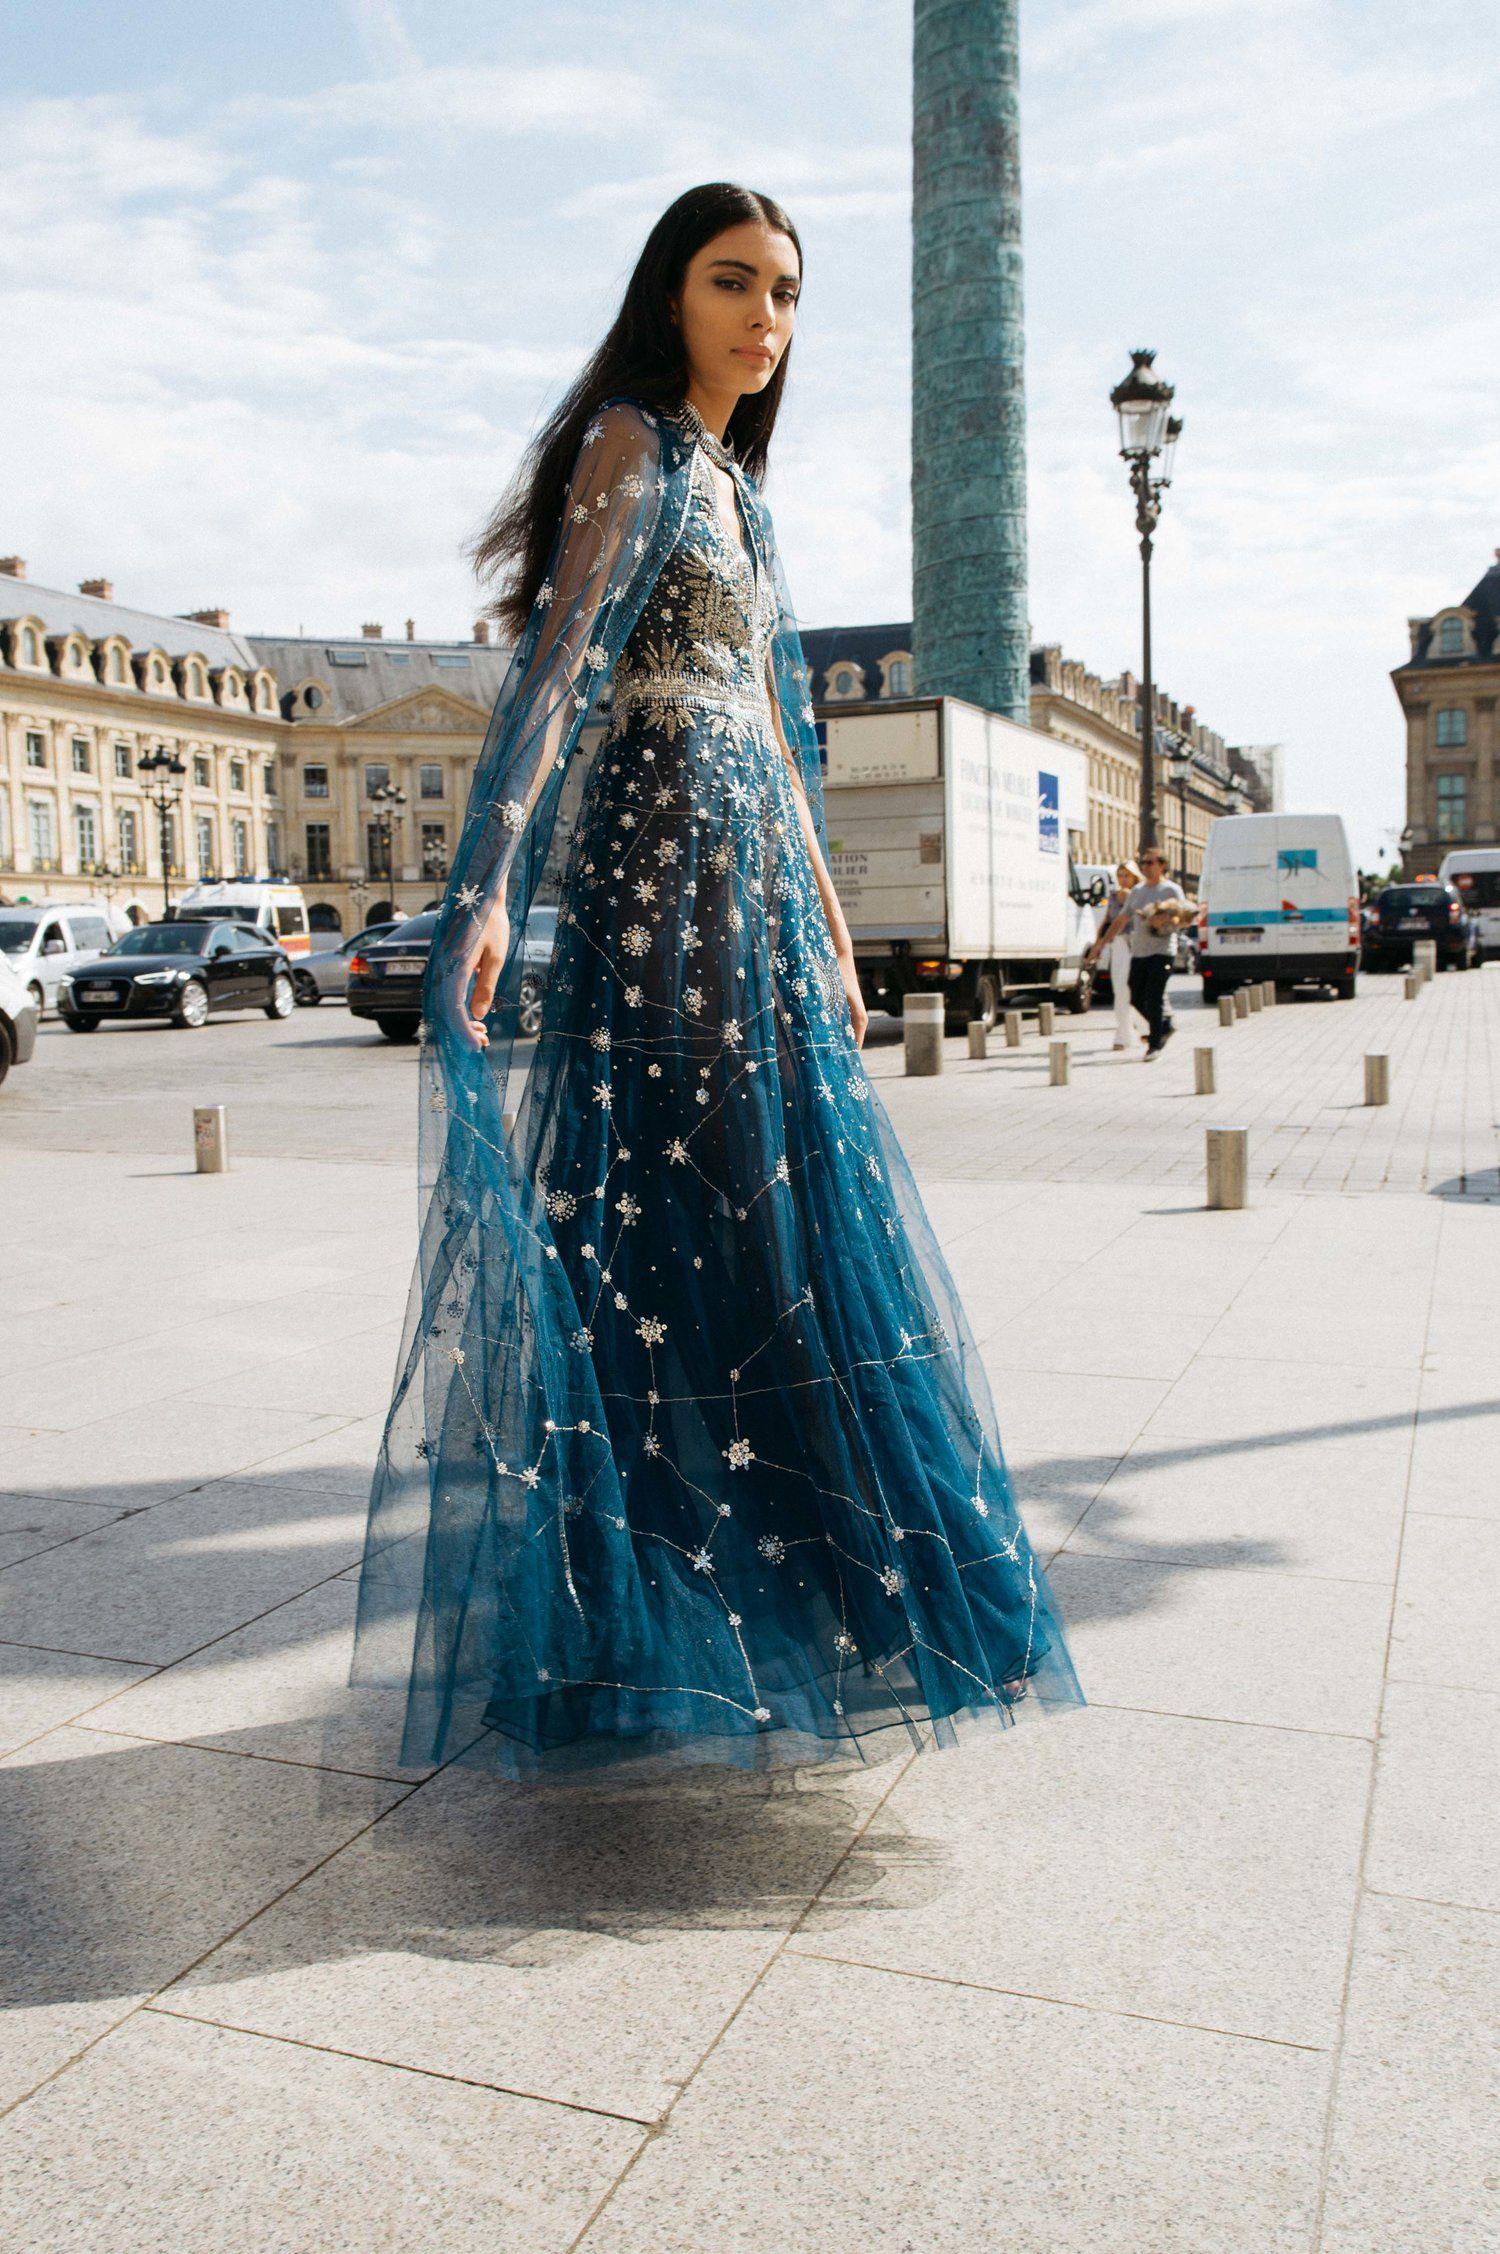 Constellation Dress Galaxy Dress Star Dress [ 2254 x 1500 Pixel ]